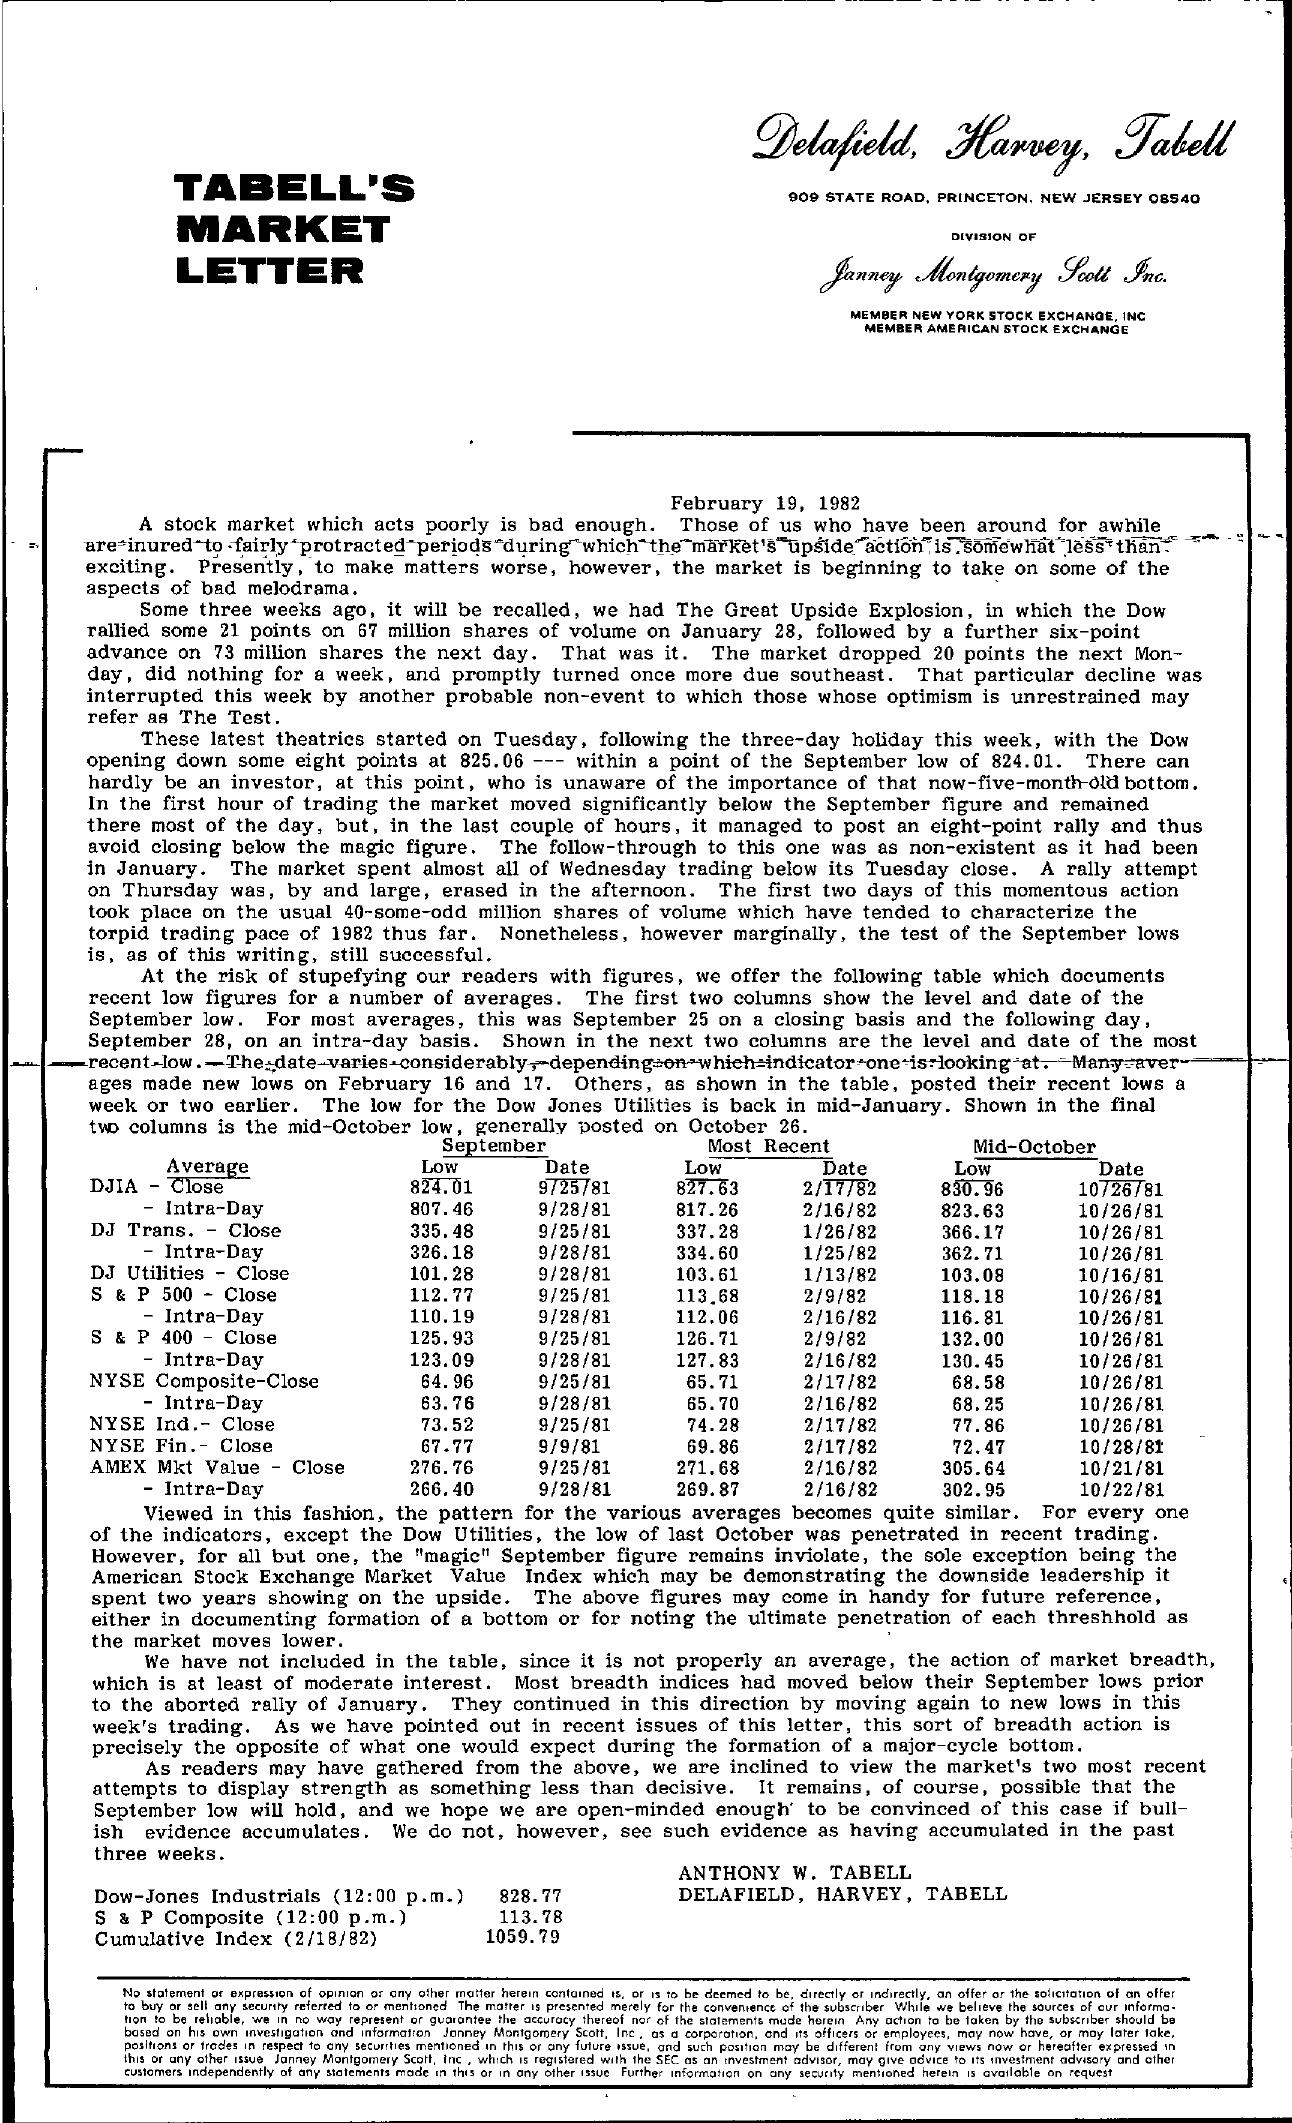 Tabell's Market Letter - February 19, 1982